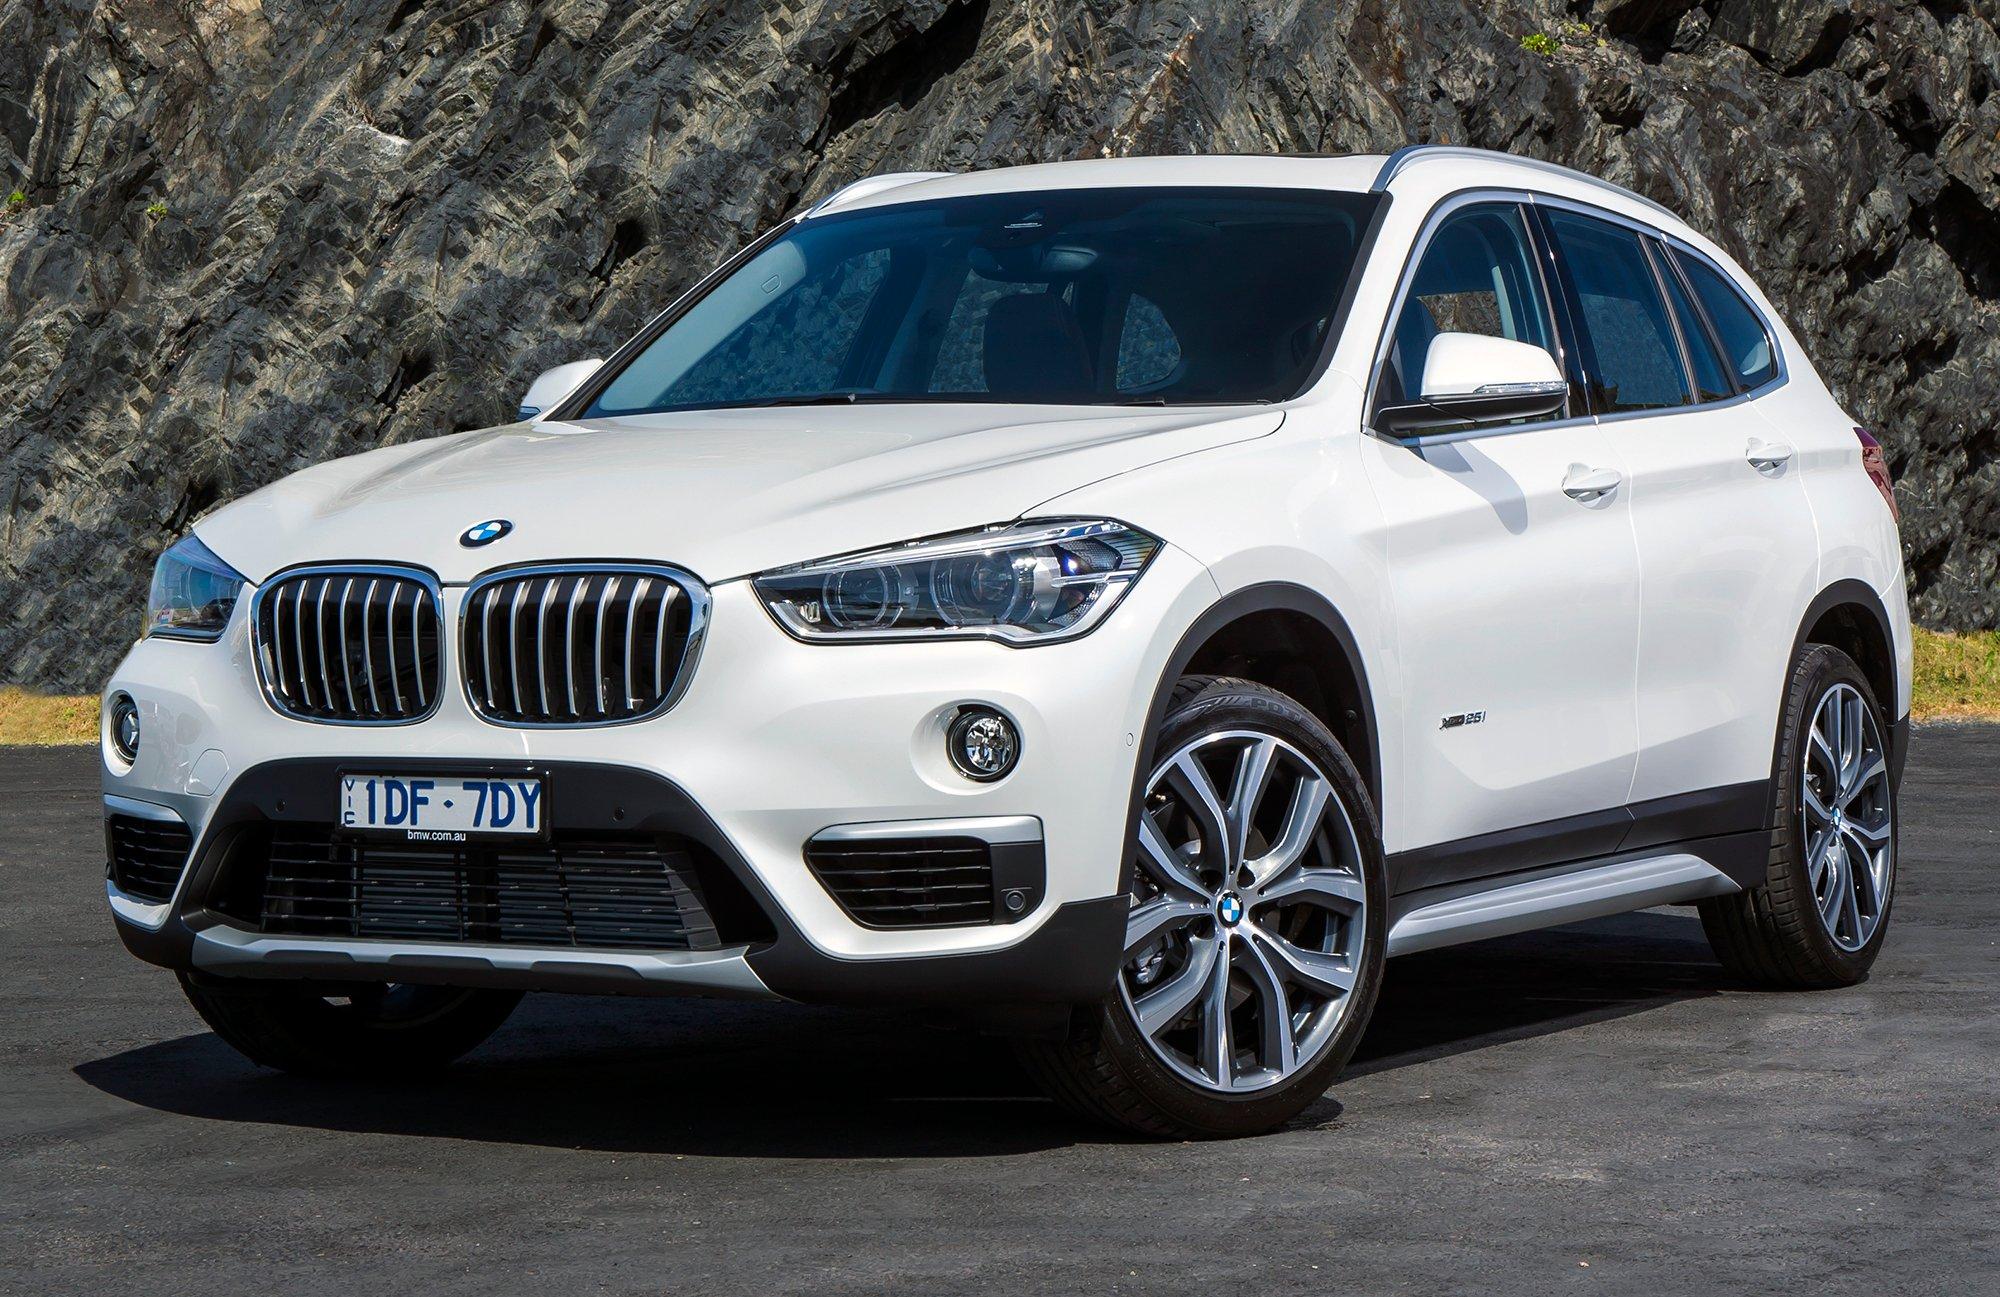 2016 BMW X1 Review - photos | CarAdvice